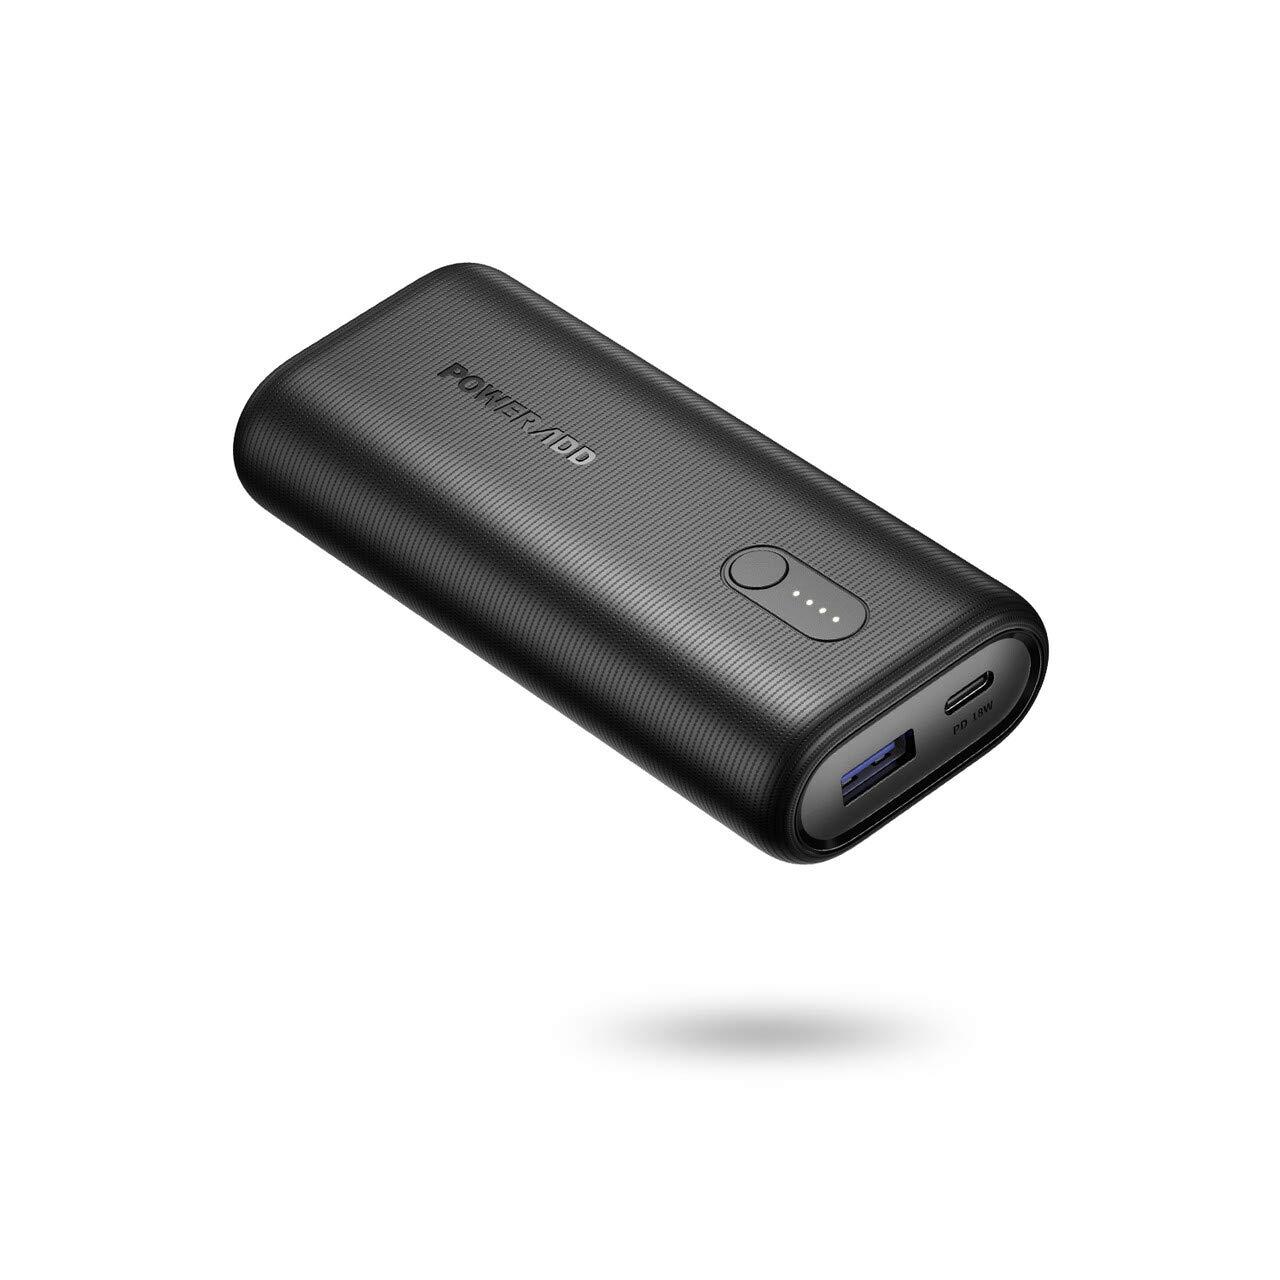 POWERADD 10000mAh Batterie Externe 18W PD Ultra Mini EnergyCell II avec Port Entrée et Sortie USB C Power Delivery Charge Rapide pour iPhone Huawei Samsung Wiko-Noir